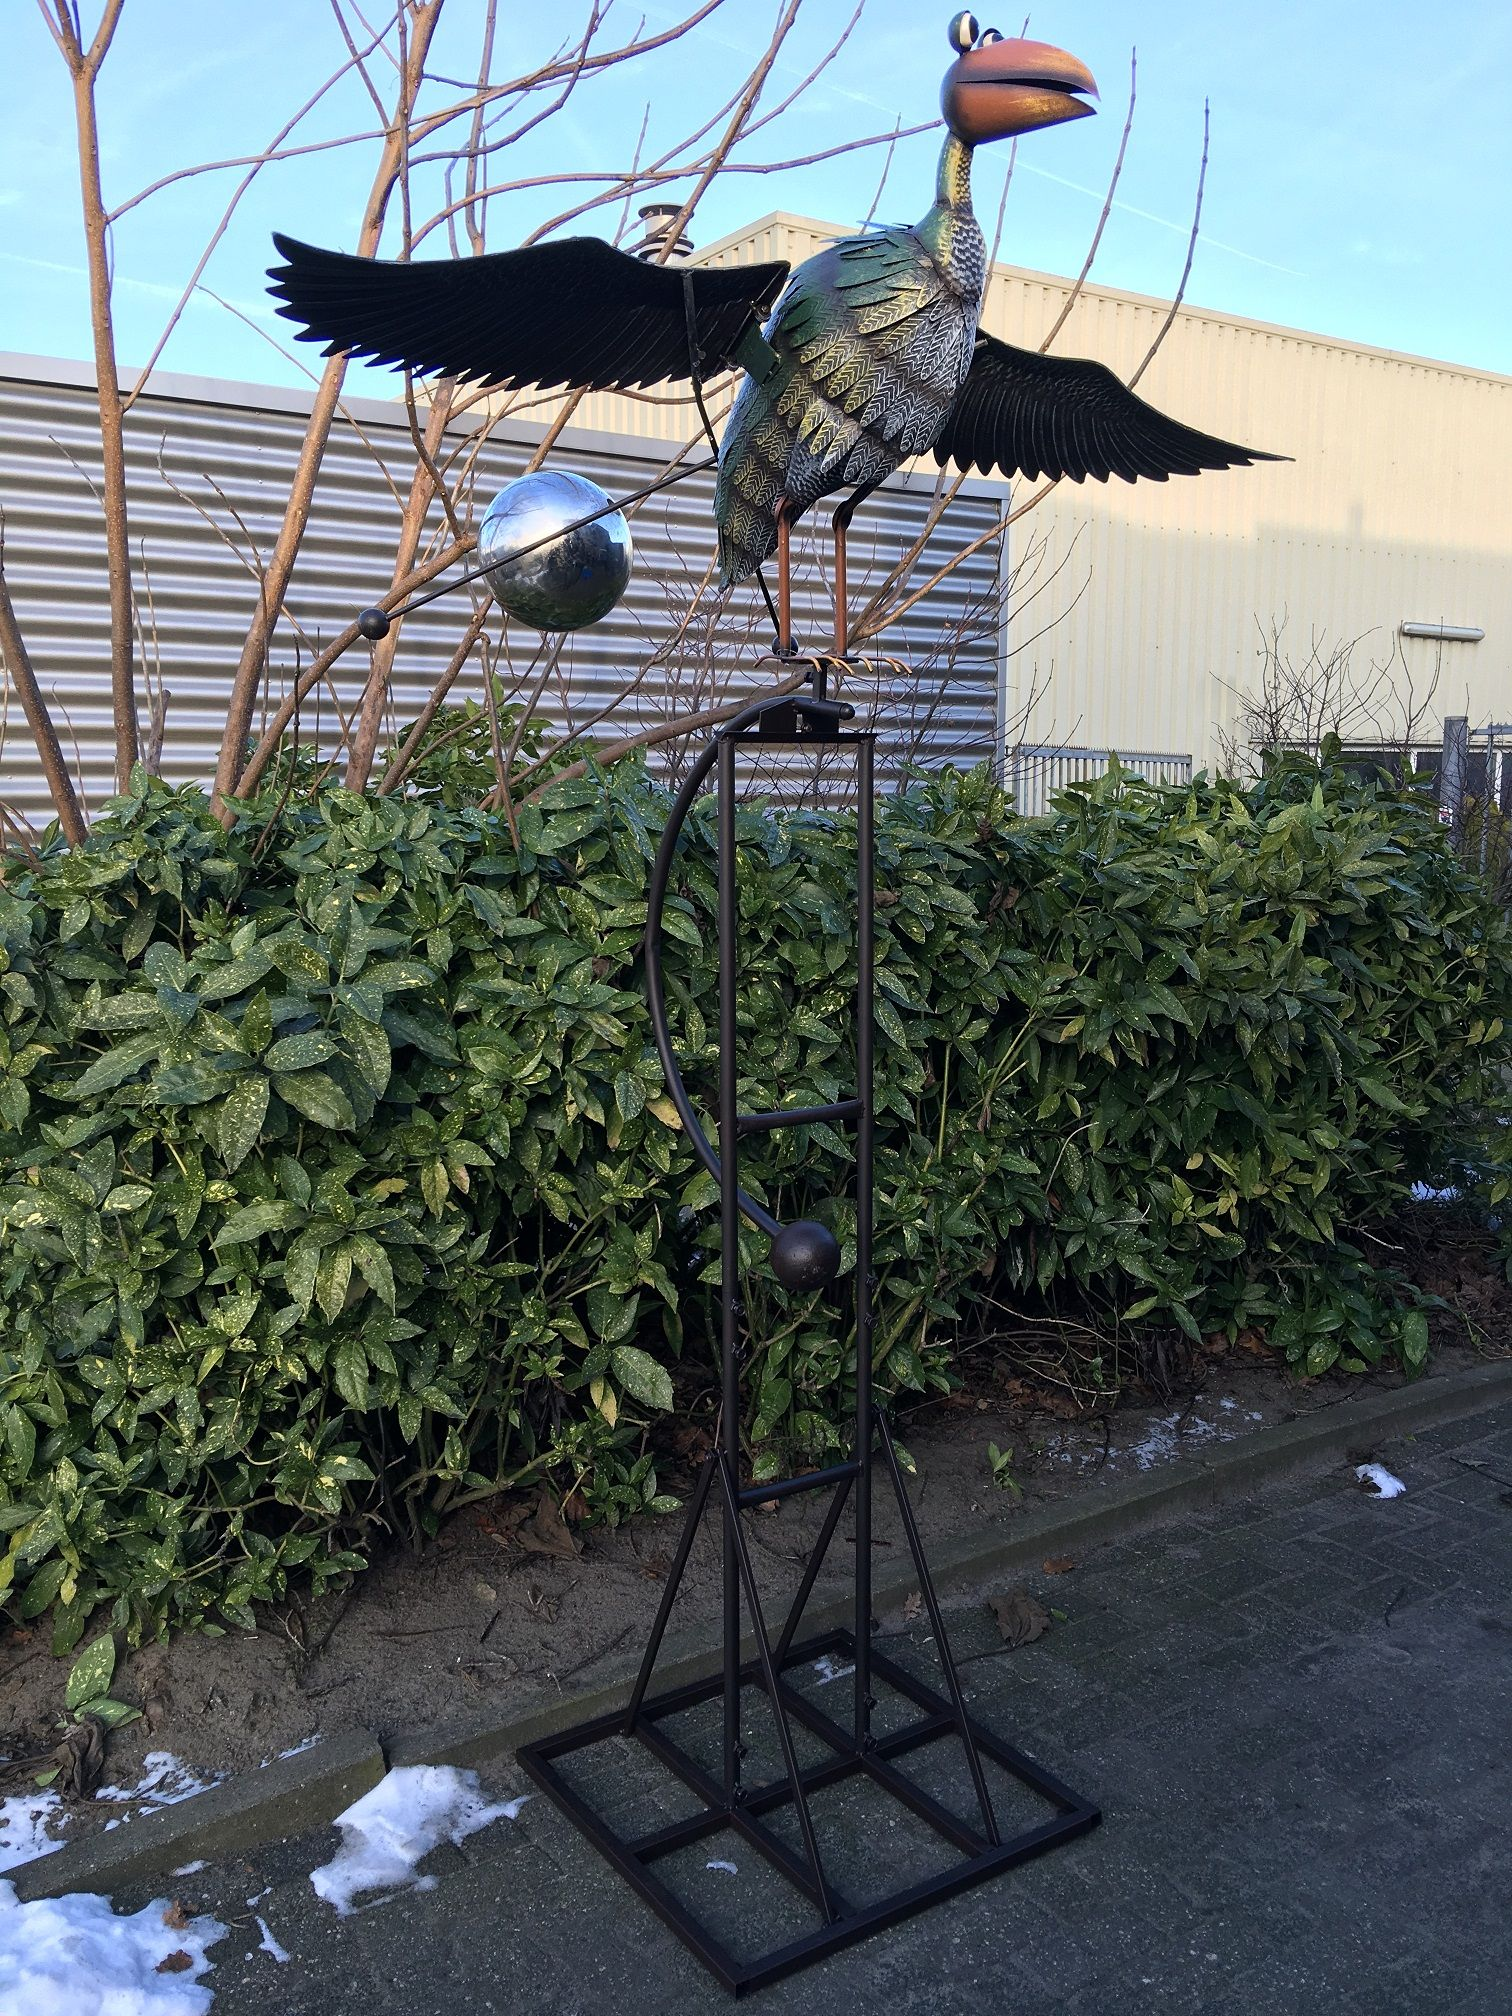 Grote metalen vogel op statief met contra gewichten voor echte deco rustique be - Deco huis exterieur ...